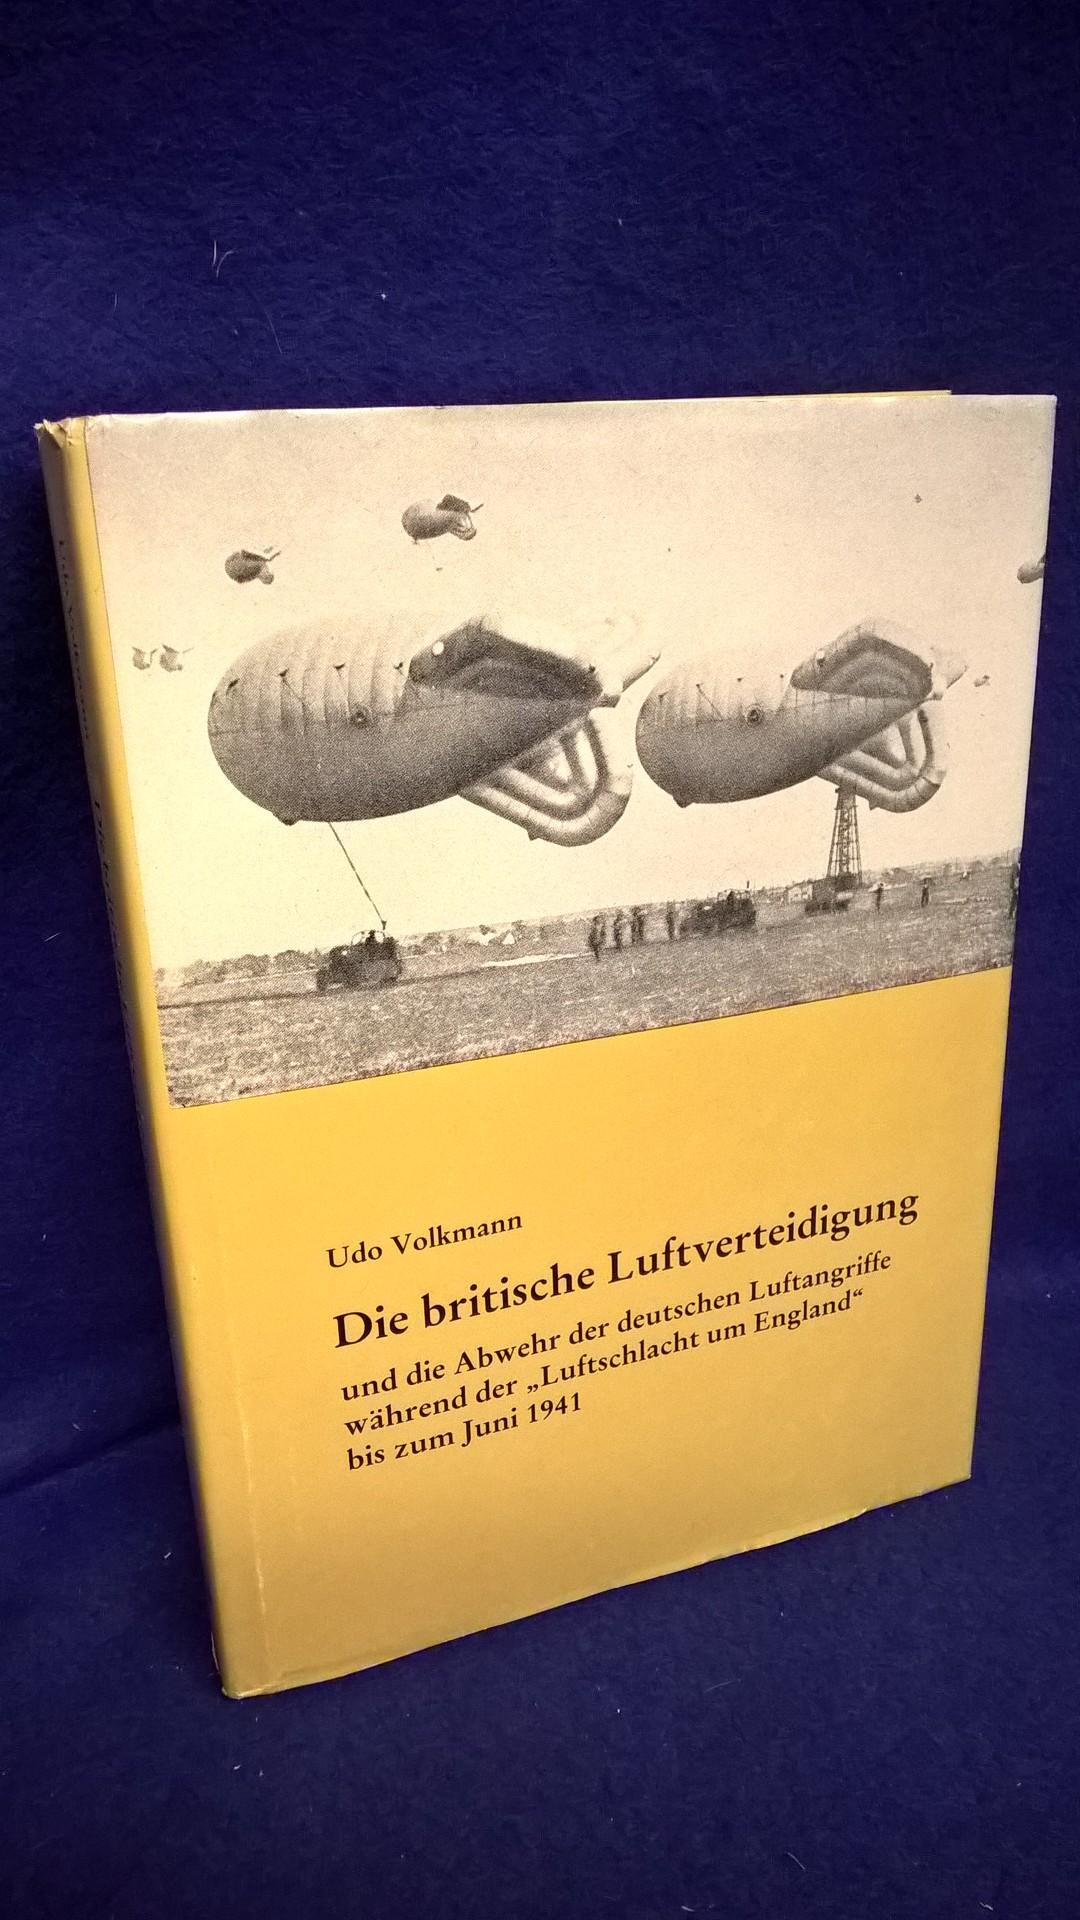 """Die britische Luftverteidigung und die Abwehr der deutschen Luftangriffe während der """"Luftschlacht um England"""" bis zum Juni 1941."""